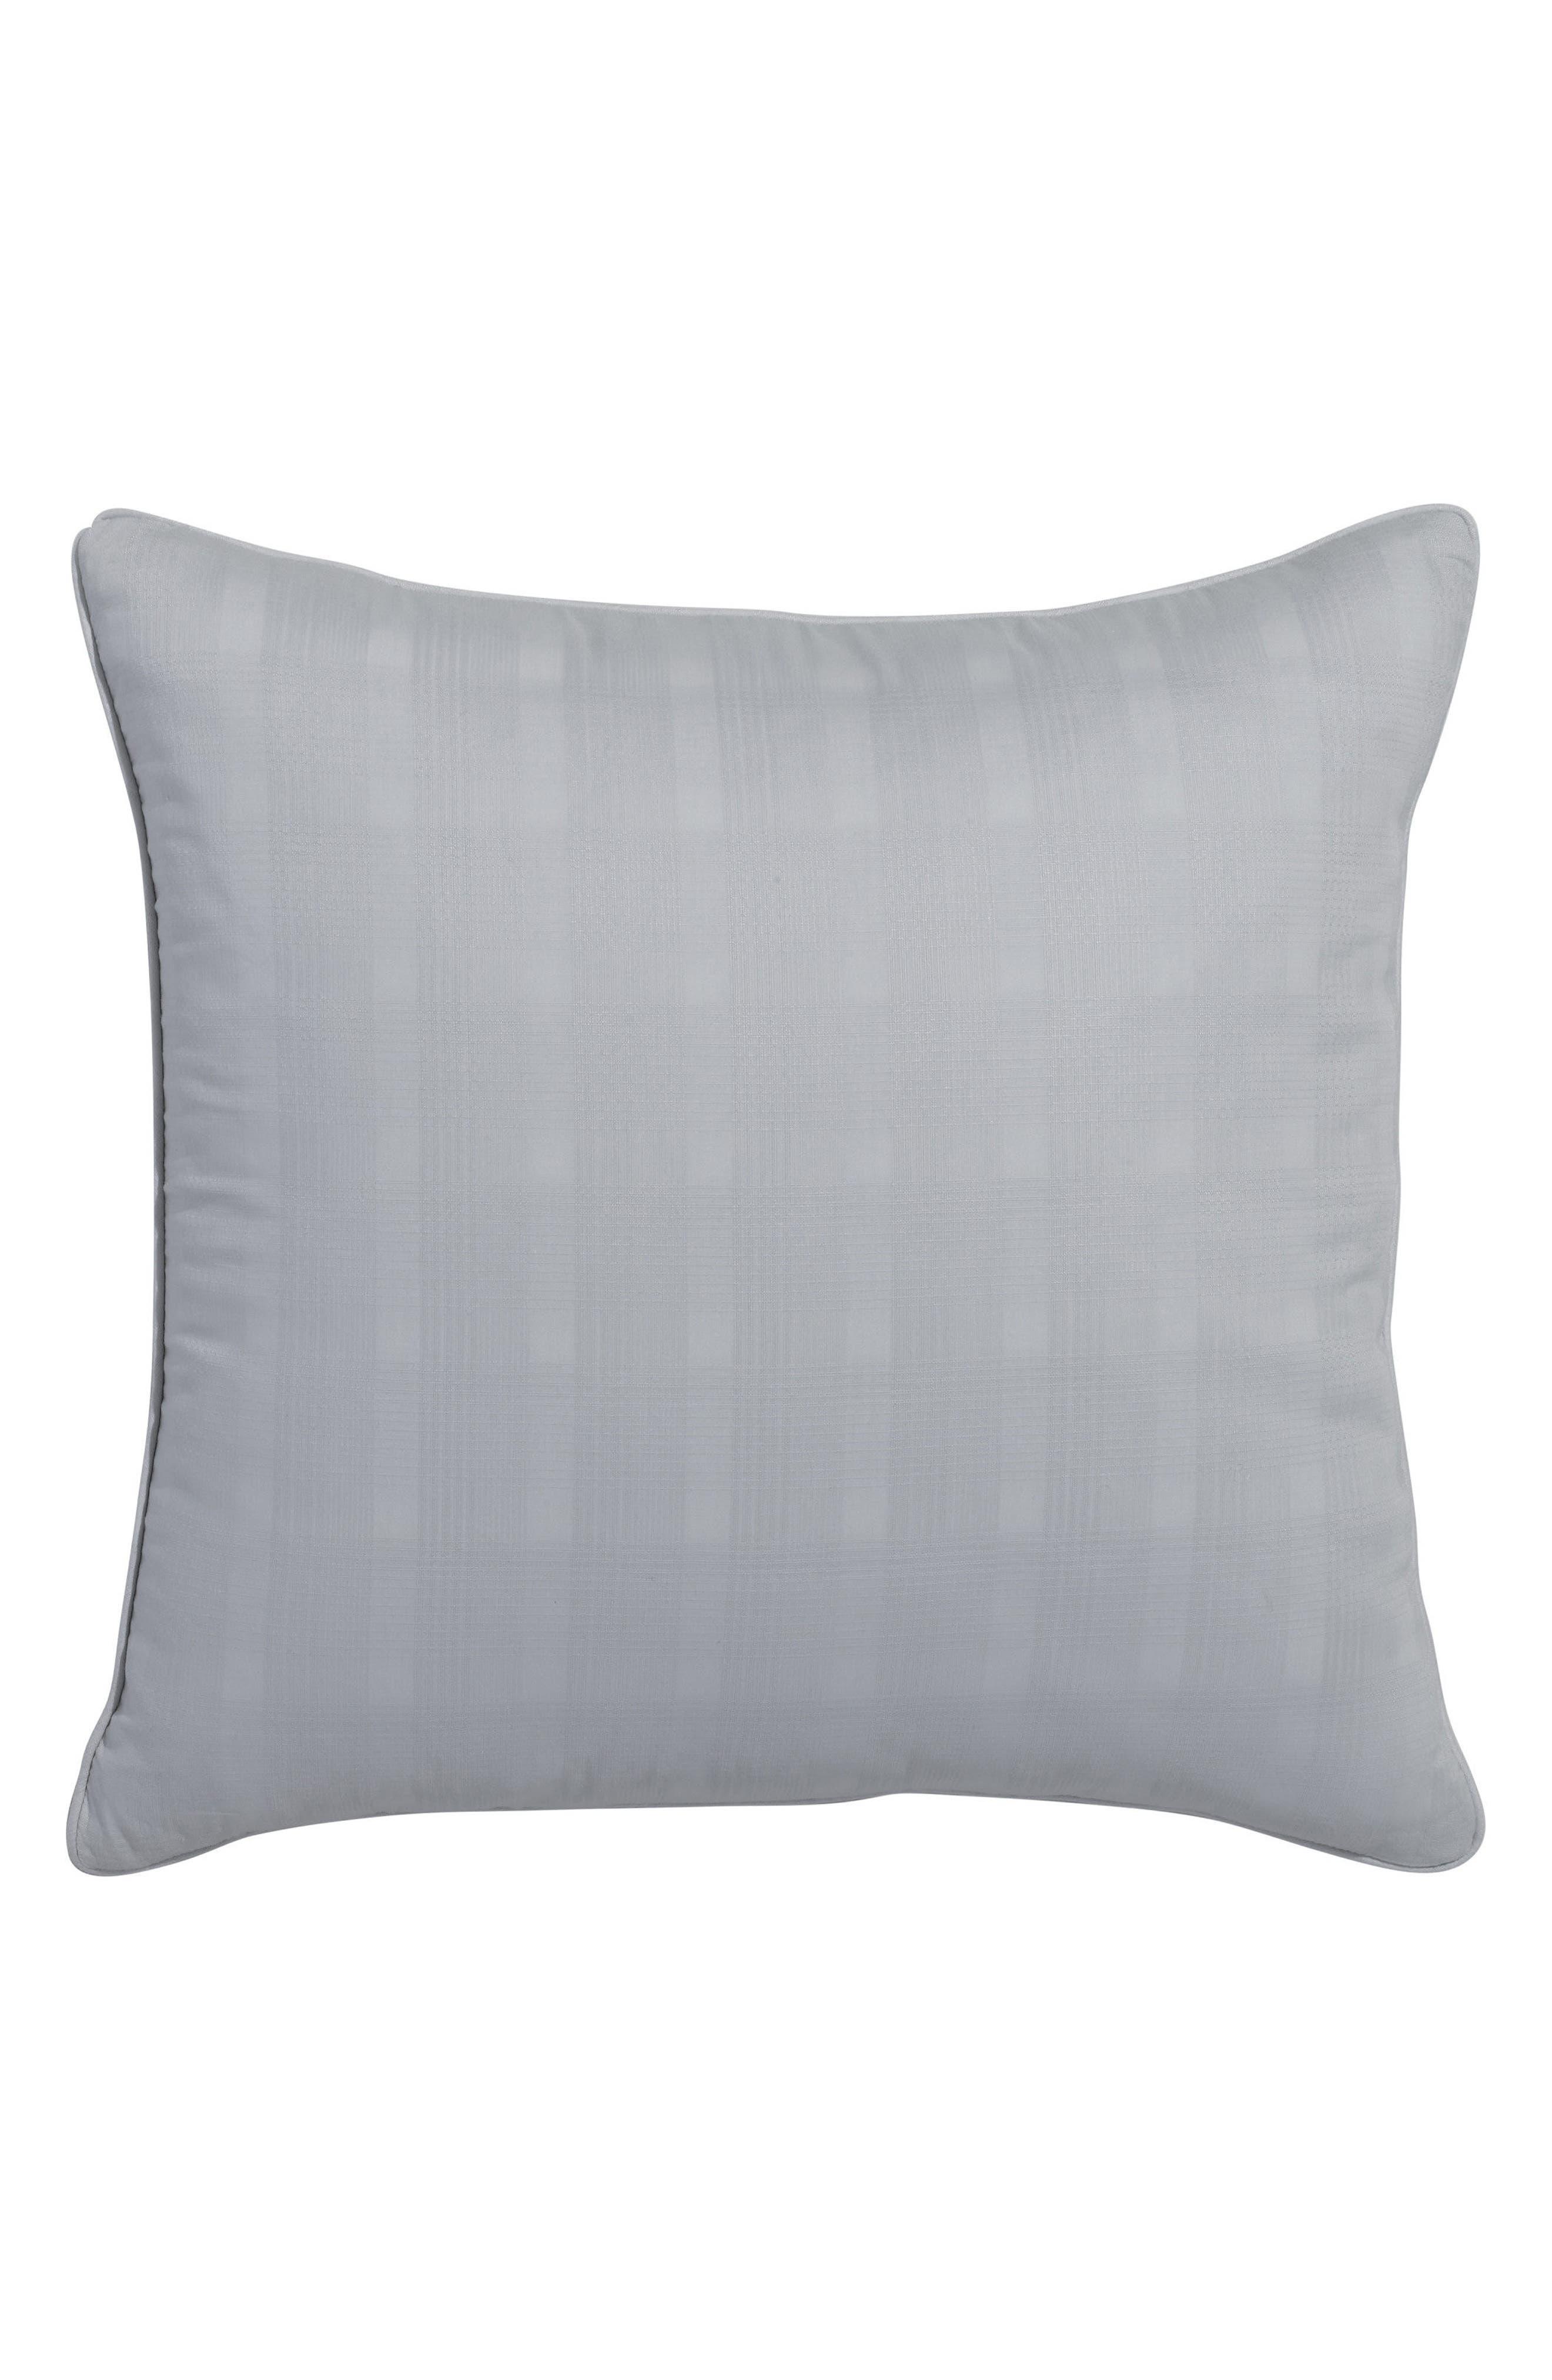 Glacier Bay Plaid Accent Pillow,                         Main,                         color, Highrise